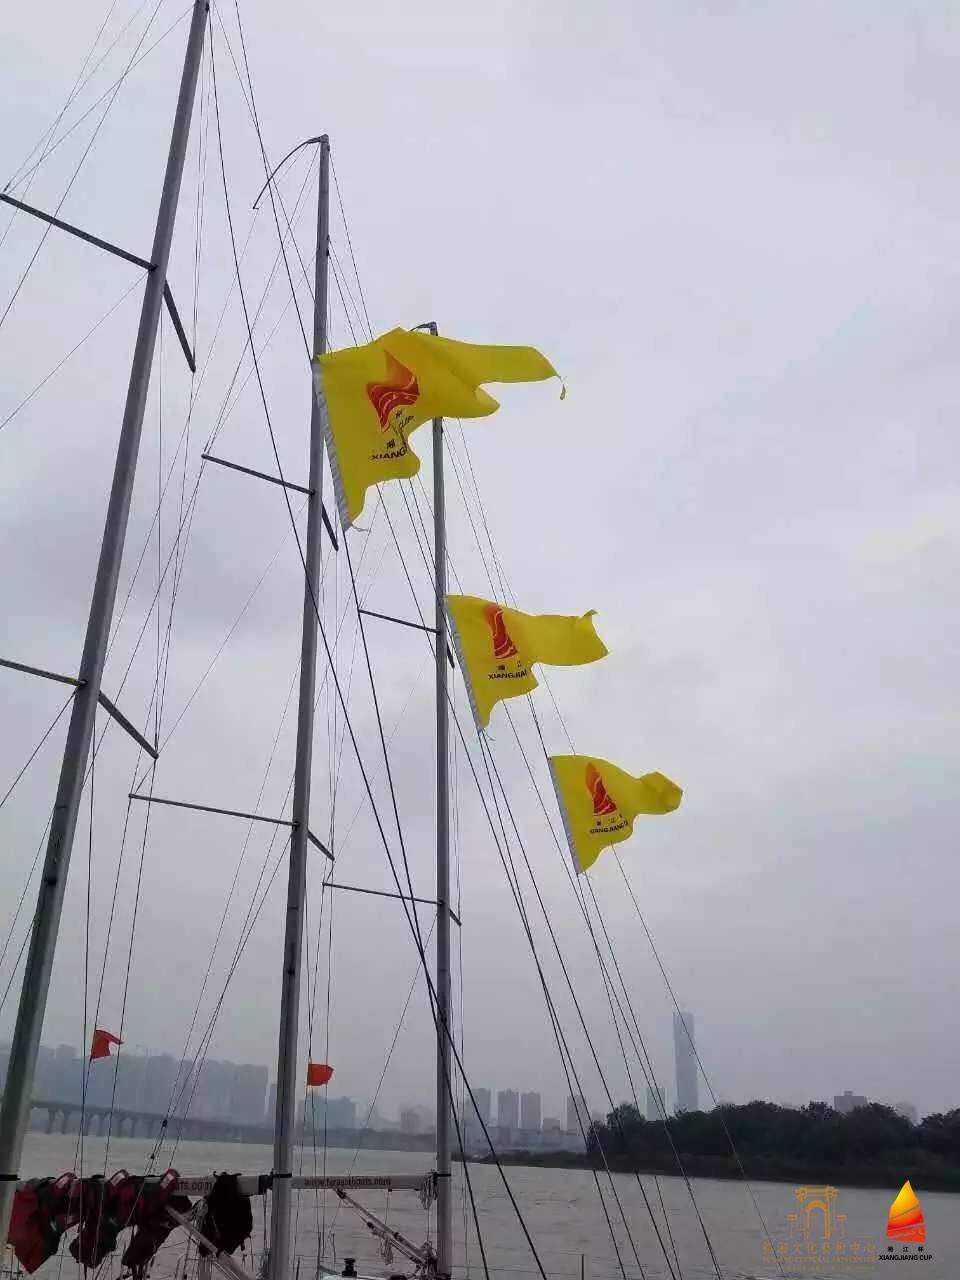 第二届湘江杯国际帆船赛丨今日迎接各国参赛运动员报到 3db859759599a85a69f5d5844079ff1c.jpg